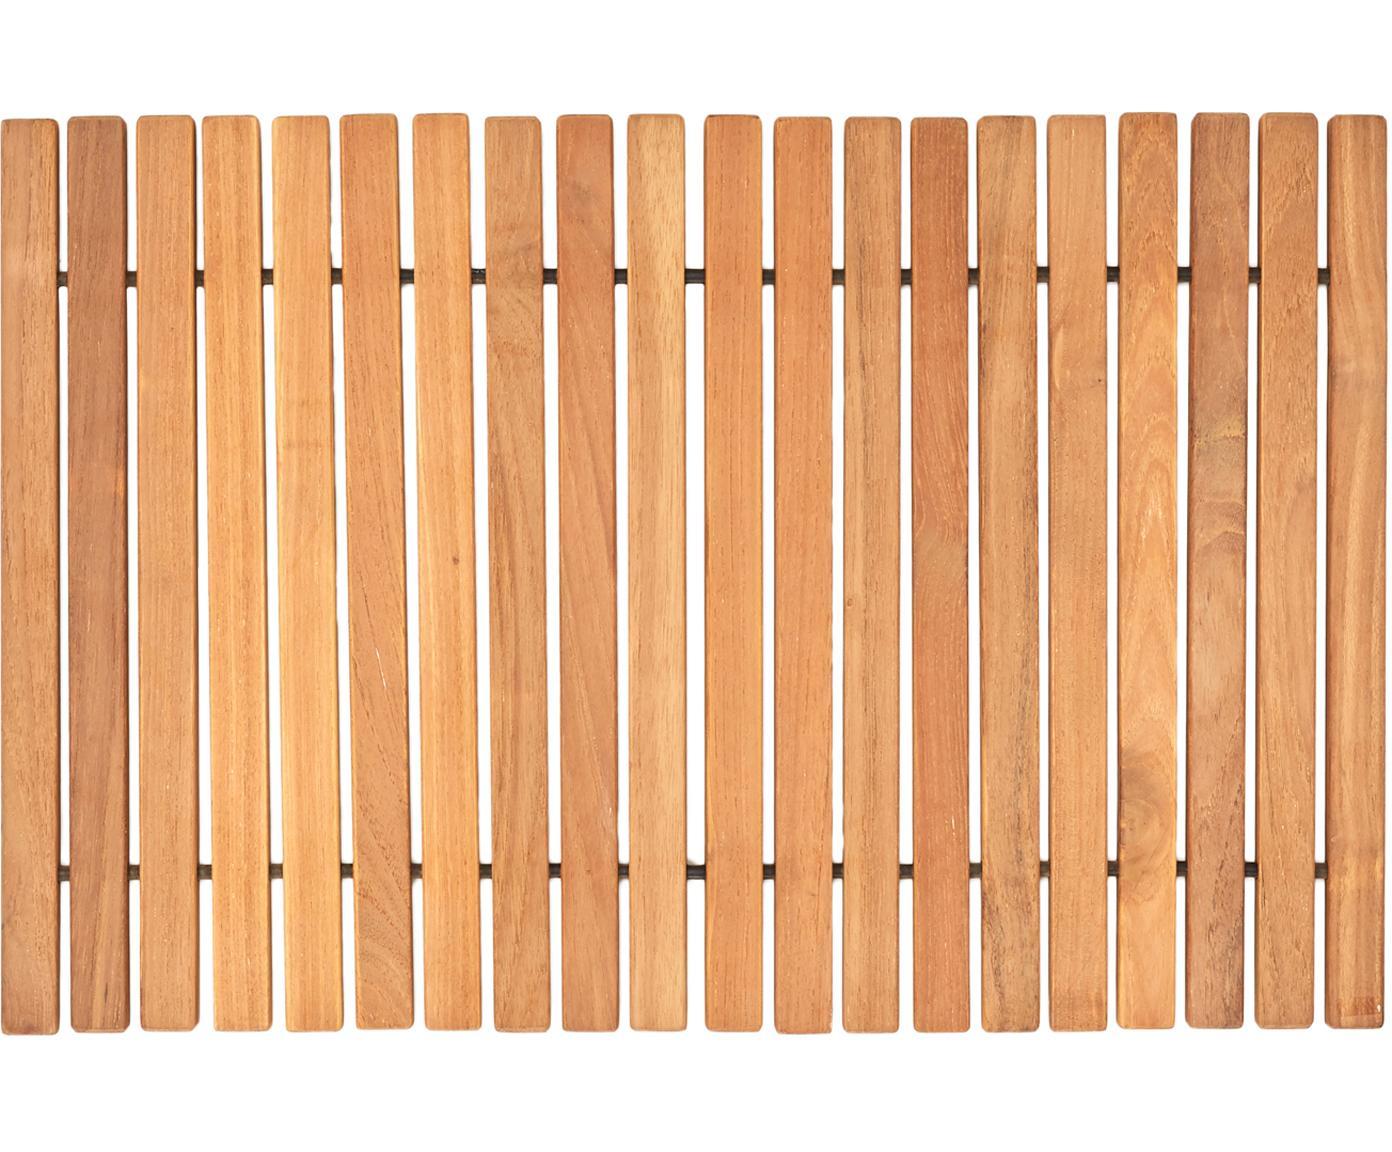 Badmat Anna van teakhout, Teakhout Het product is gecertificeerd teakhout in Indonesië, voornamelijk uit resthout uit de meubelproductie., Bruin, 40 x 60 cm